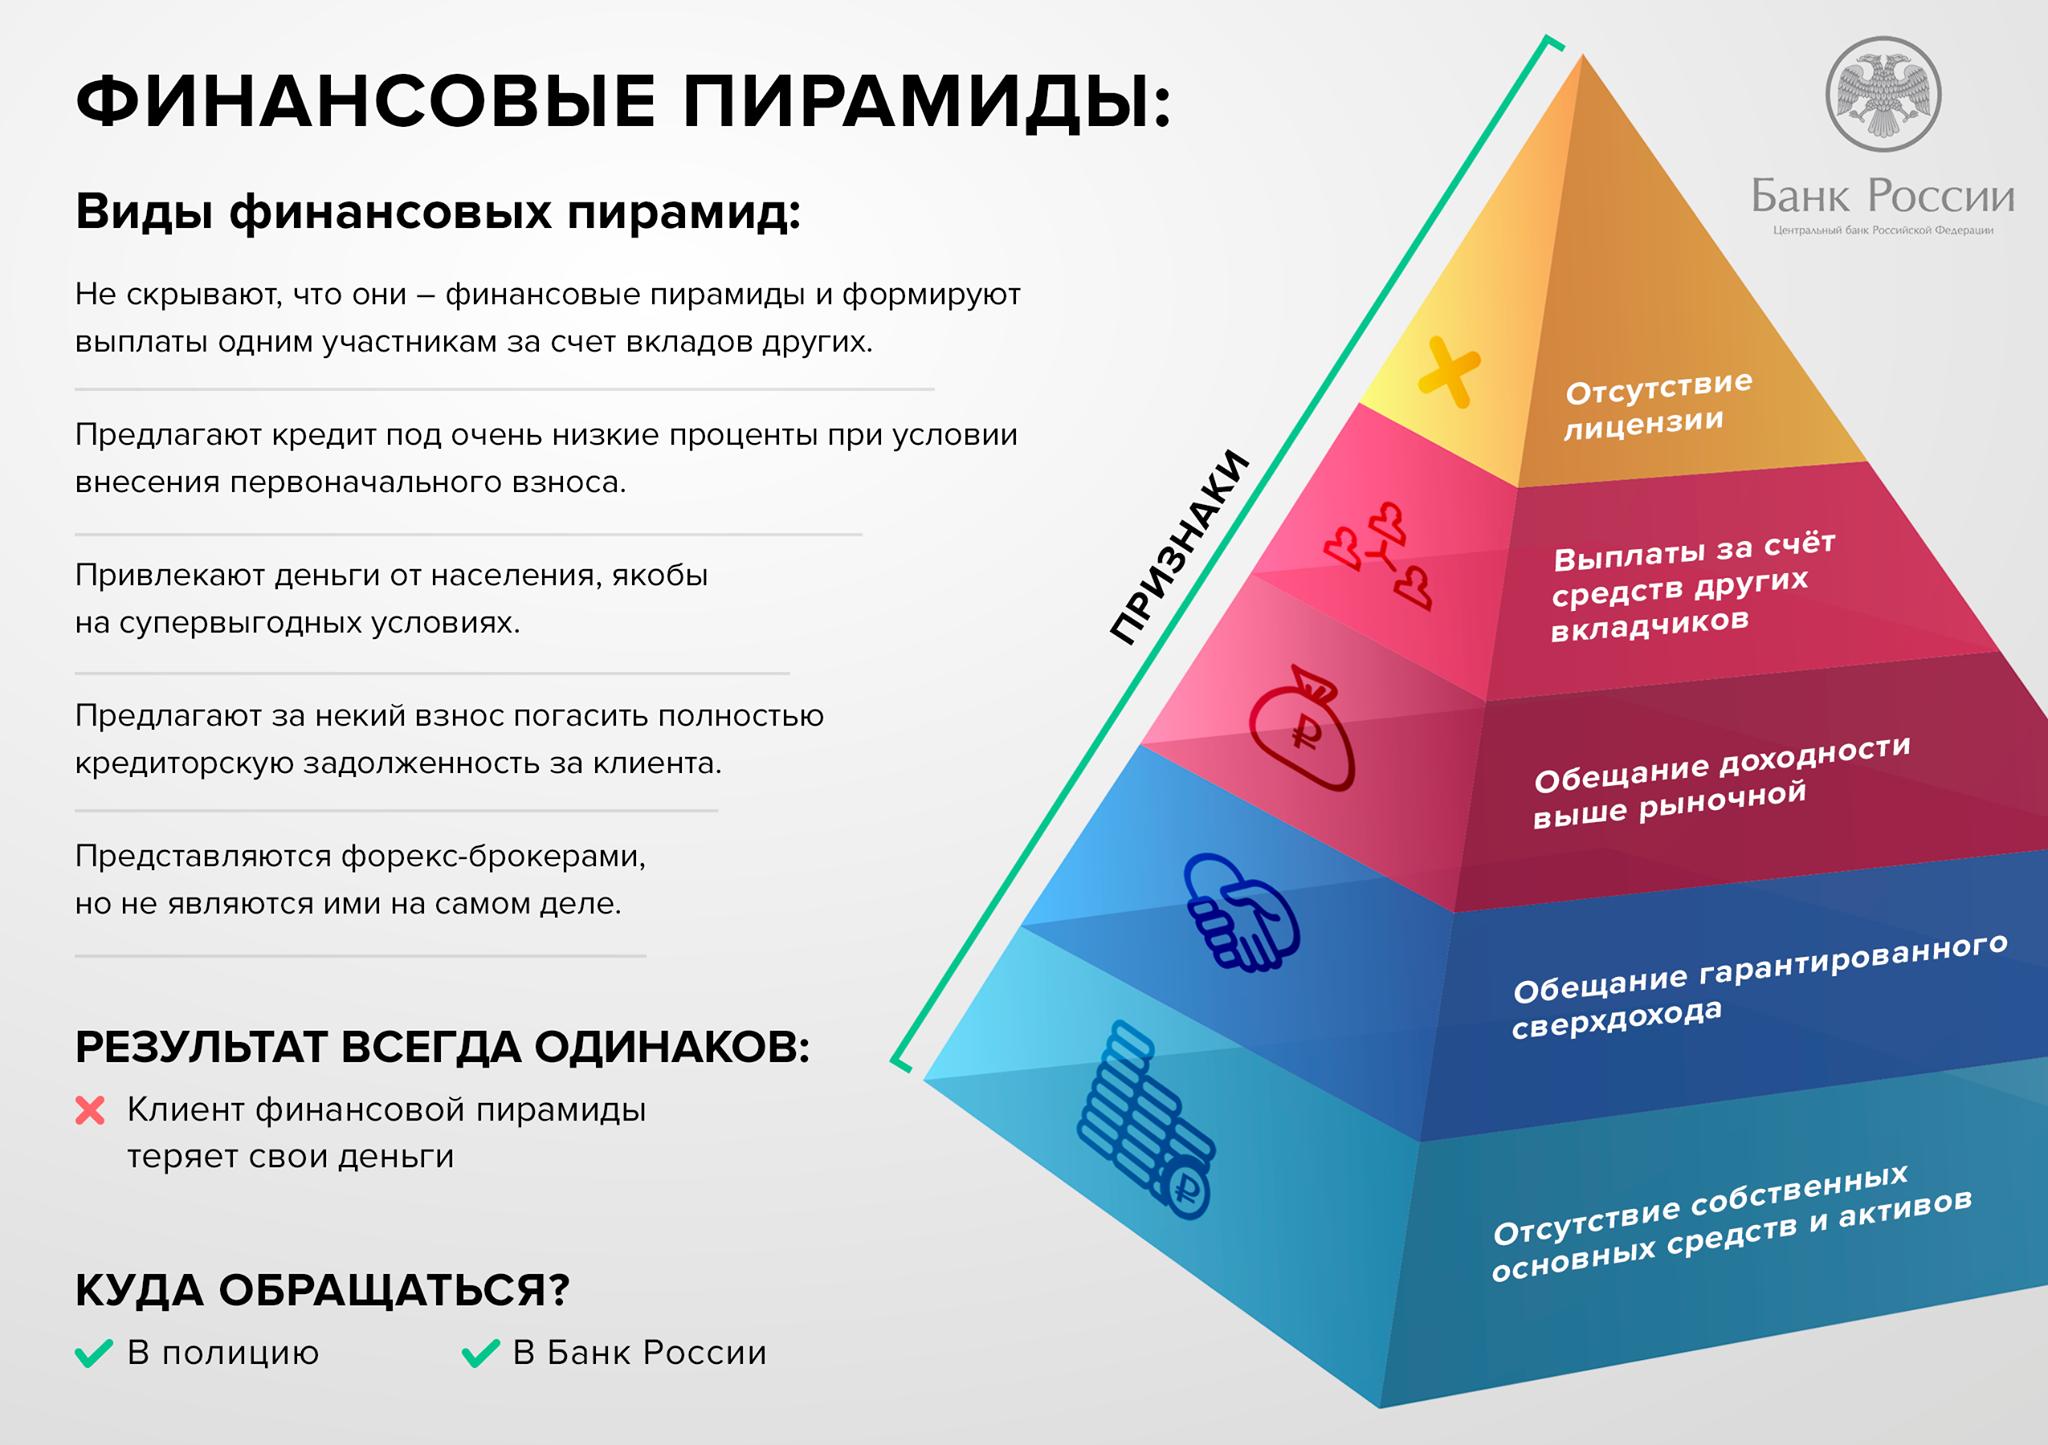 be74fb67cbfc66da9cae9 - Как распознать финансовую пирамиду?